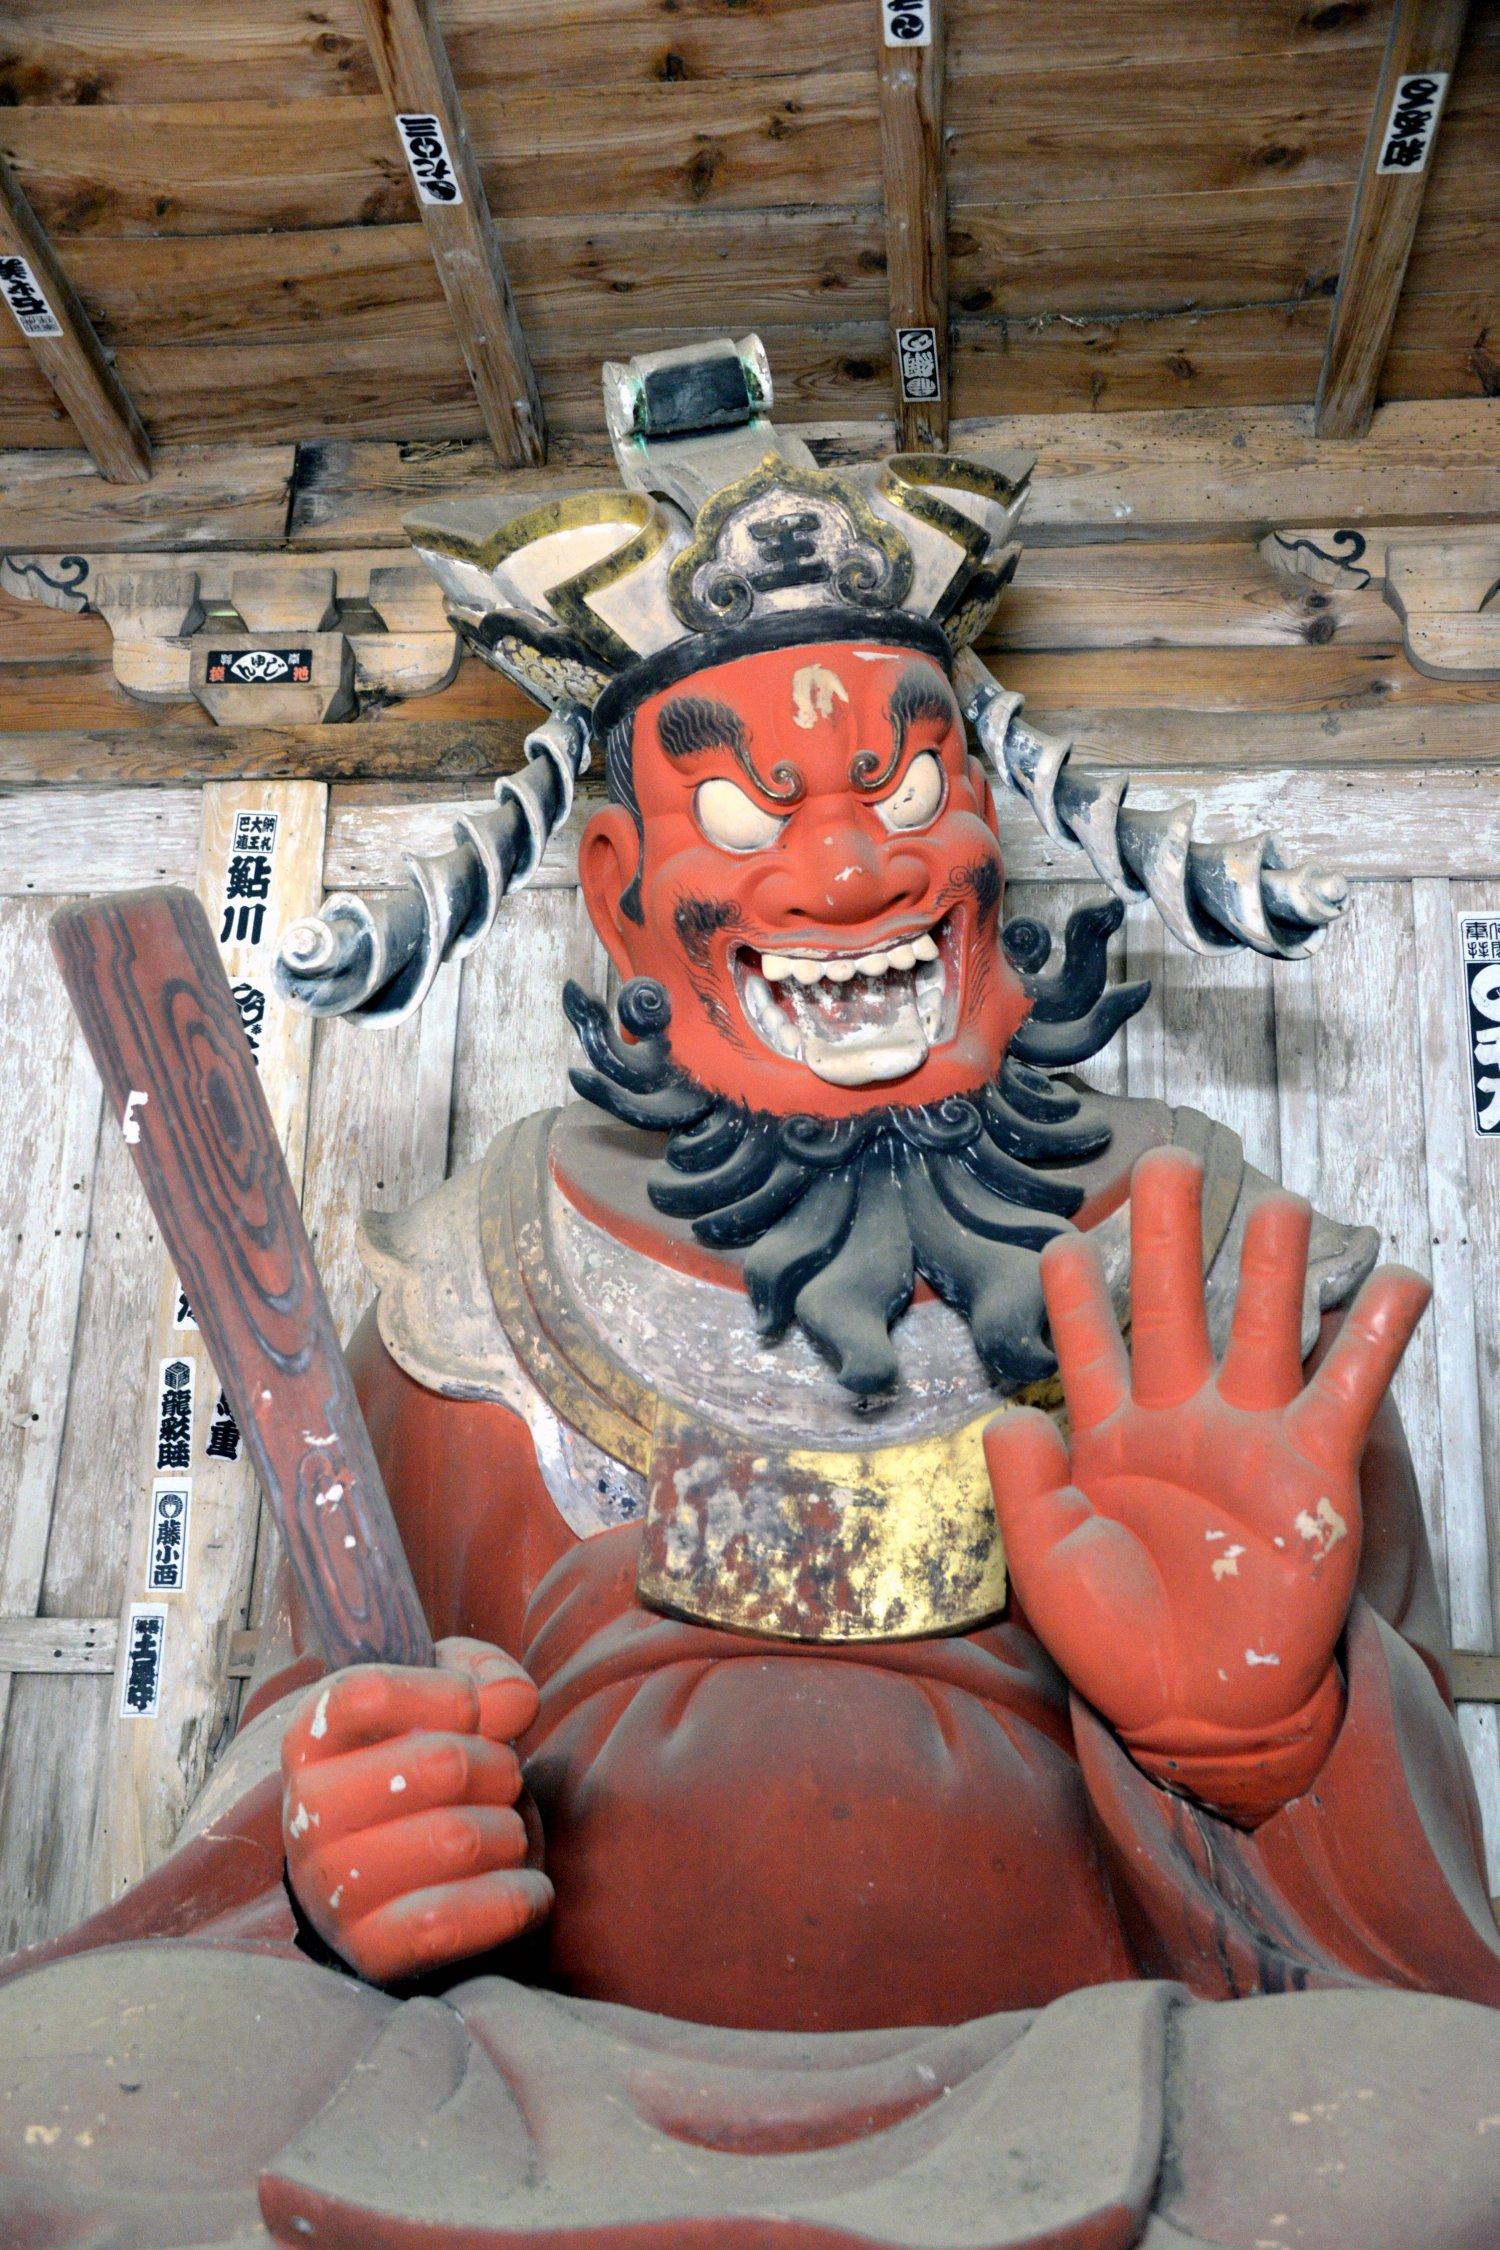 高さ約2.5mの大きな閻魔像。豪快に笑っているように見える。